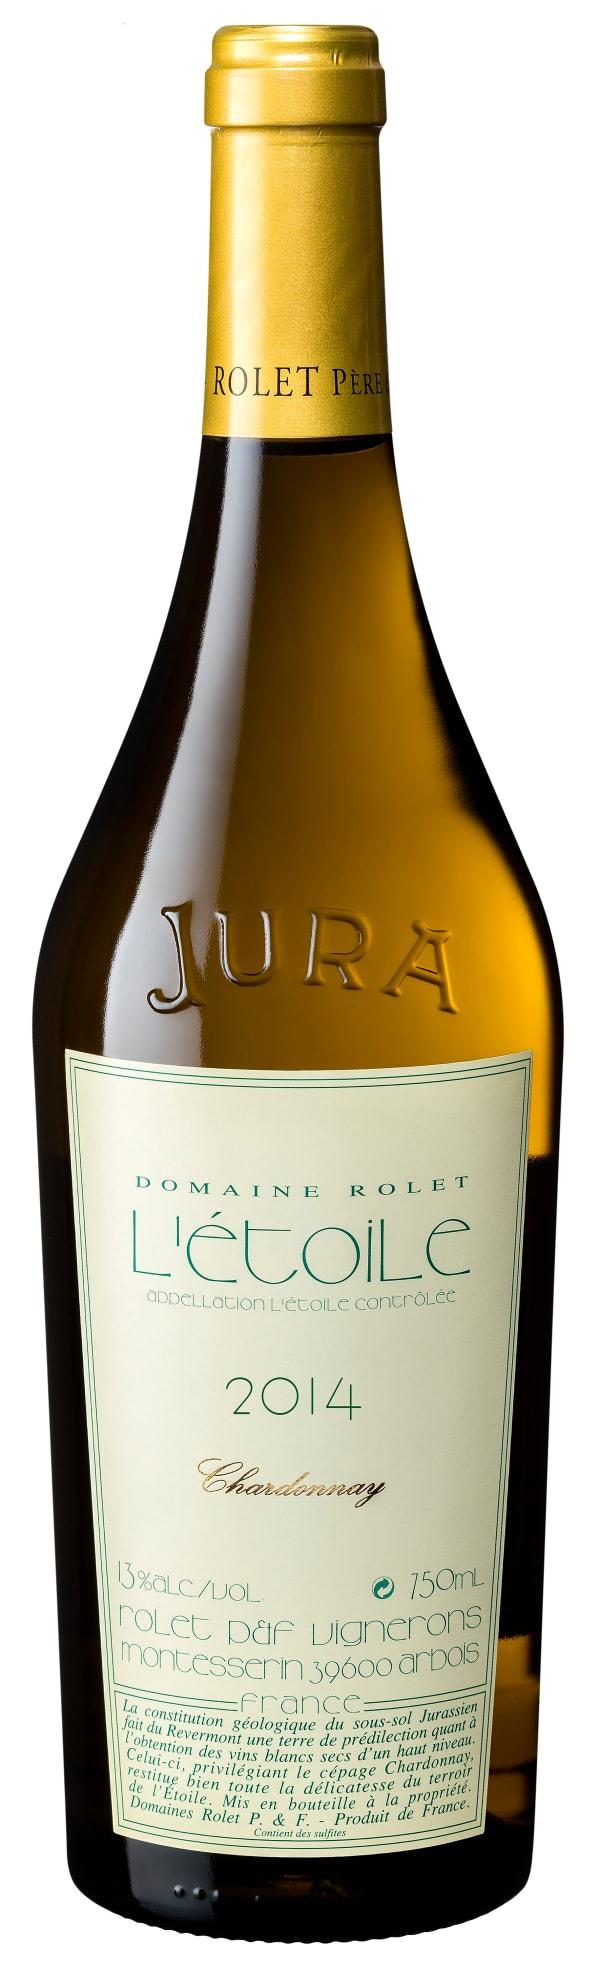 Rolet L'etoile Chardonnay 2015